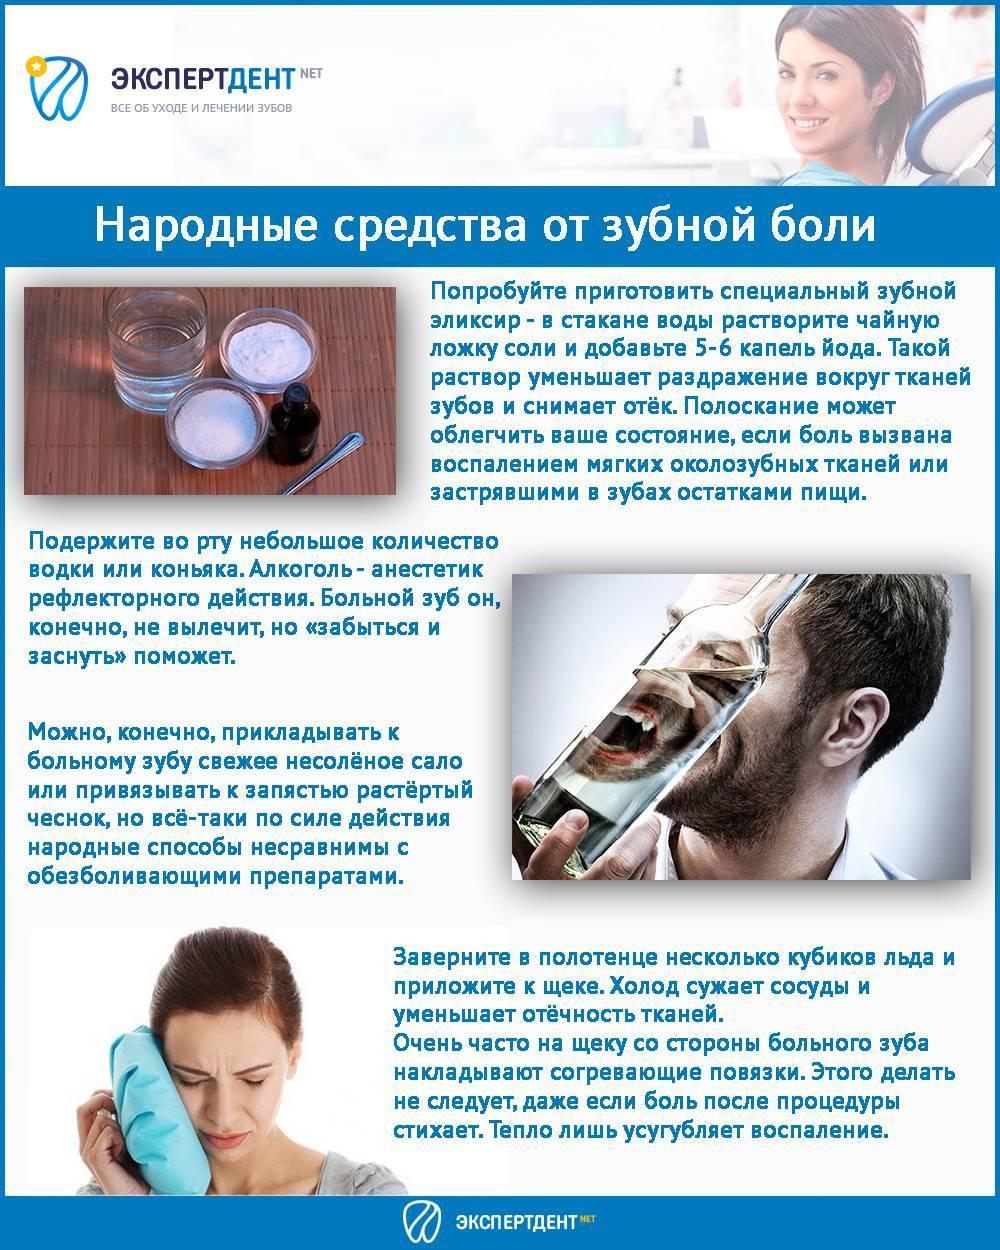 Зубная боль при беременности: чем обезболить, 1, 2, 3 триместр, на ранних, поздних сроках, обезболивающее, народные средства, таблетки, нурофен, средство, отзывы, профилактика